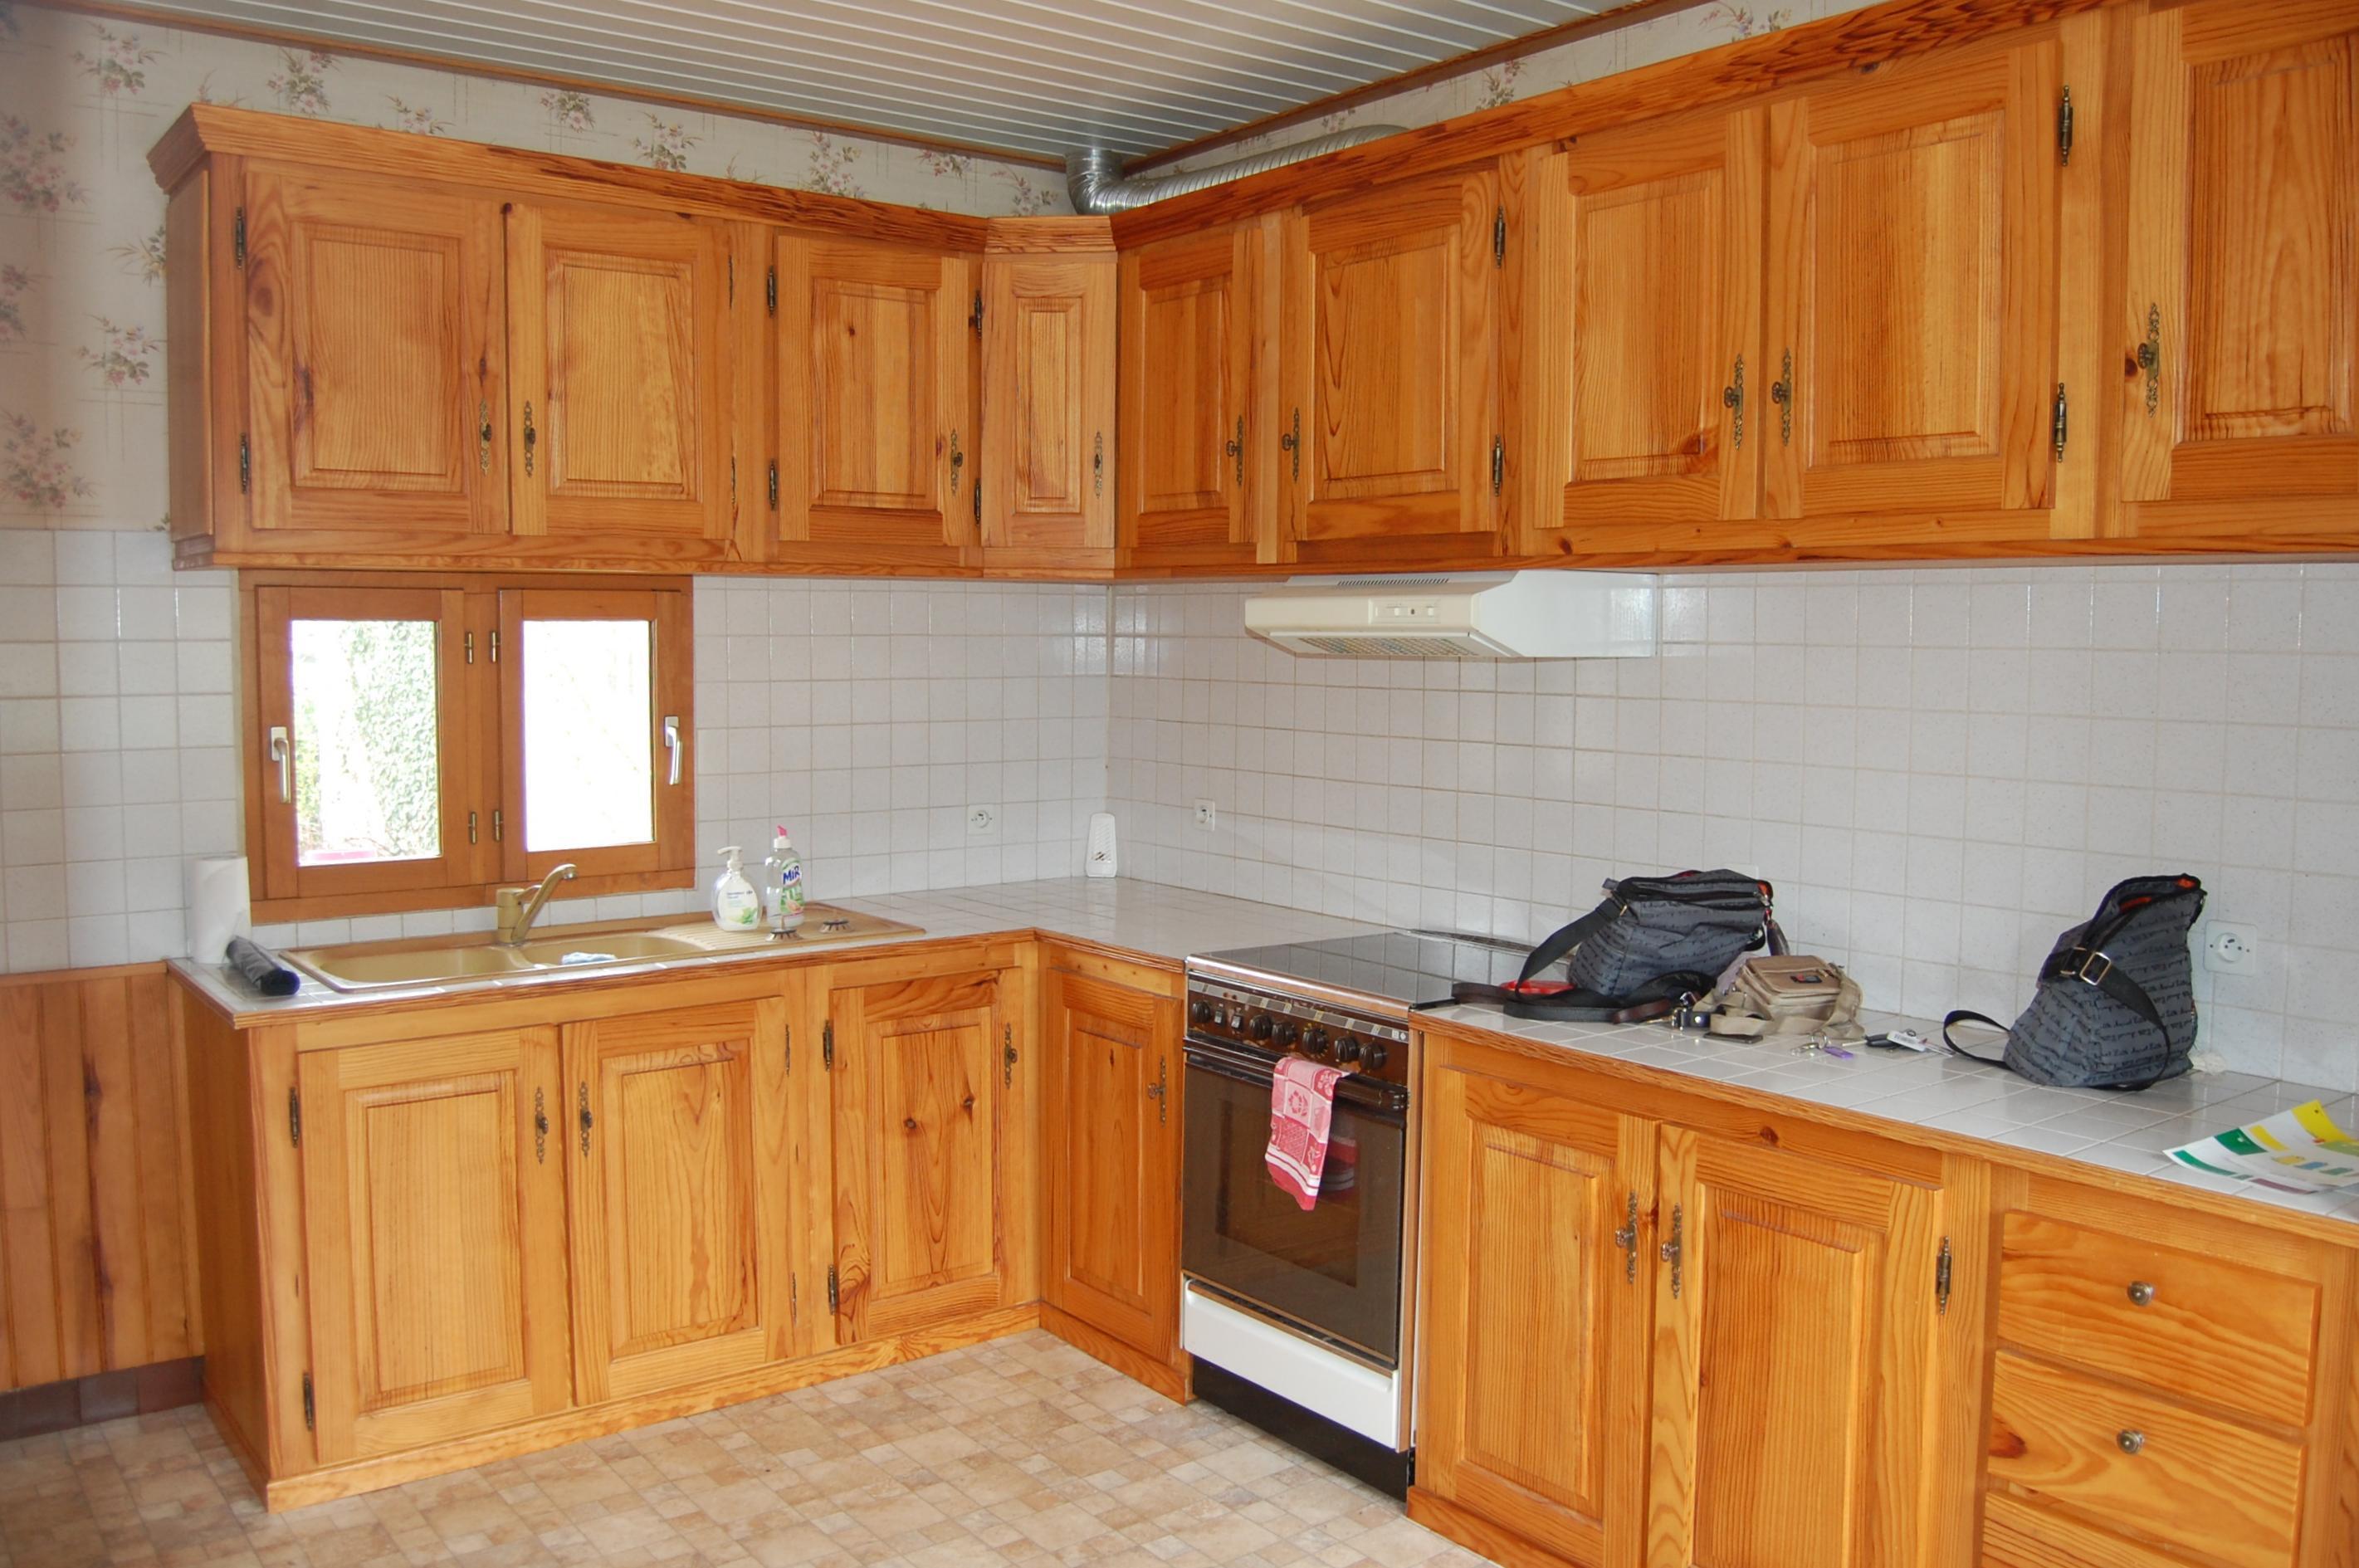 Changer couleur meuble de cuisine - Facade meuble cuisine lapeyre ...